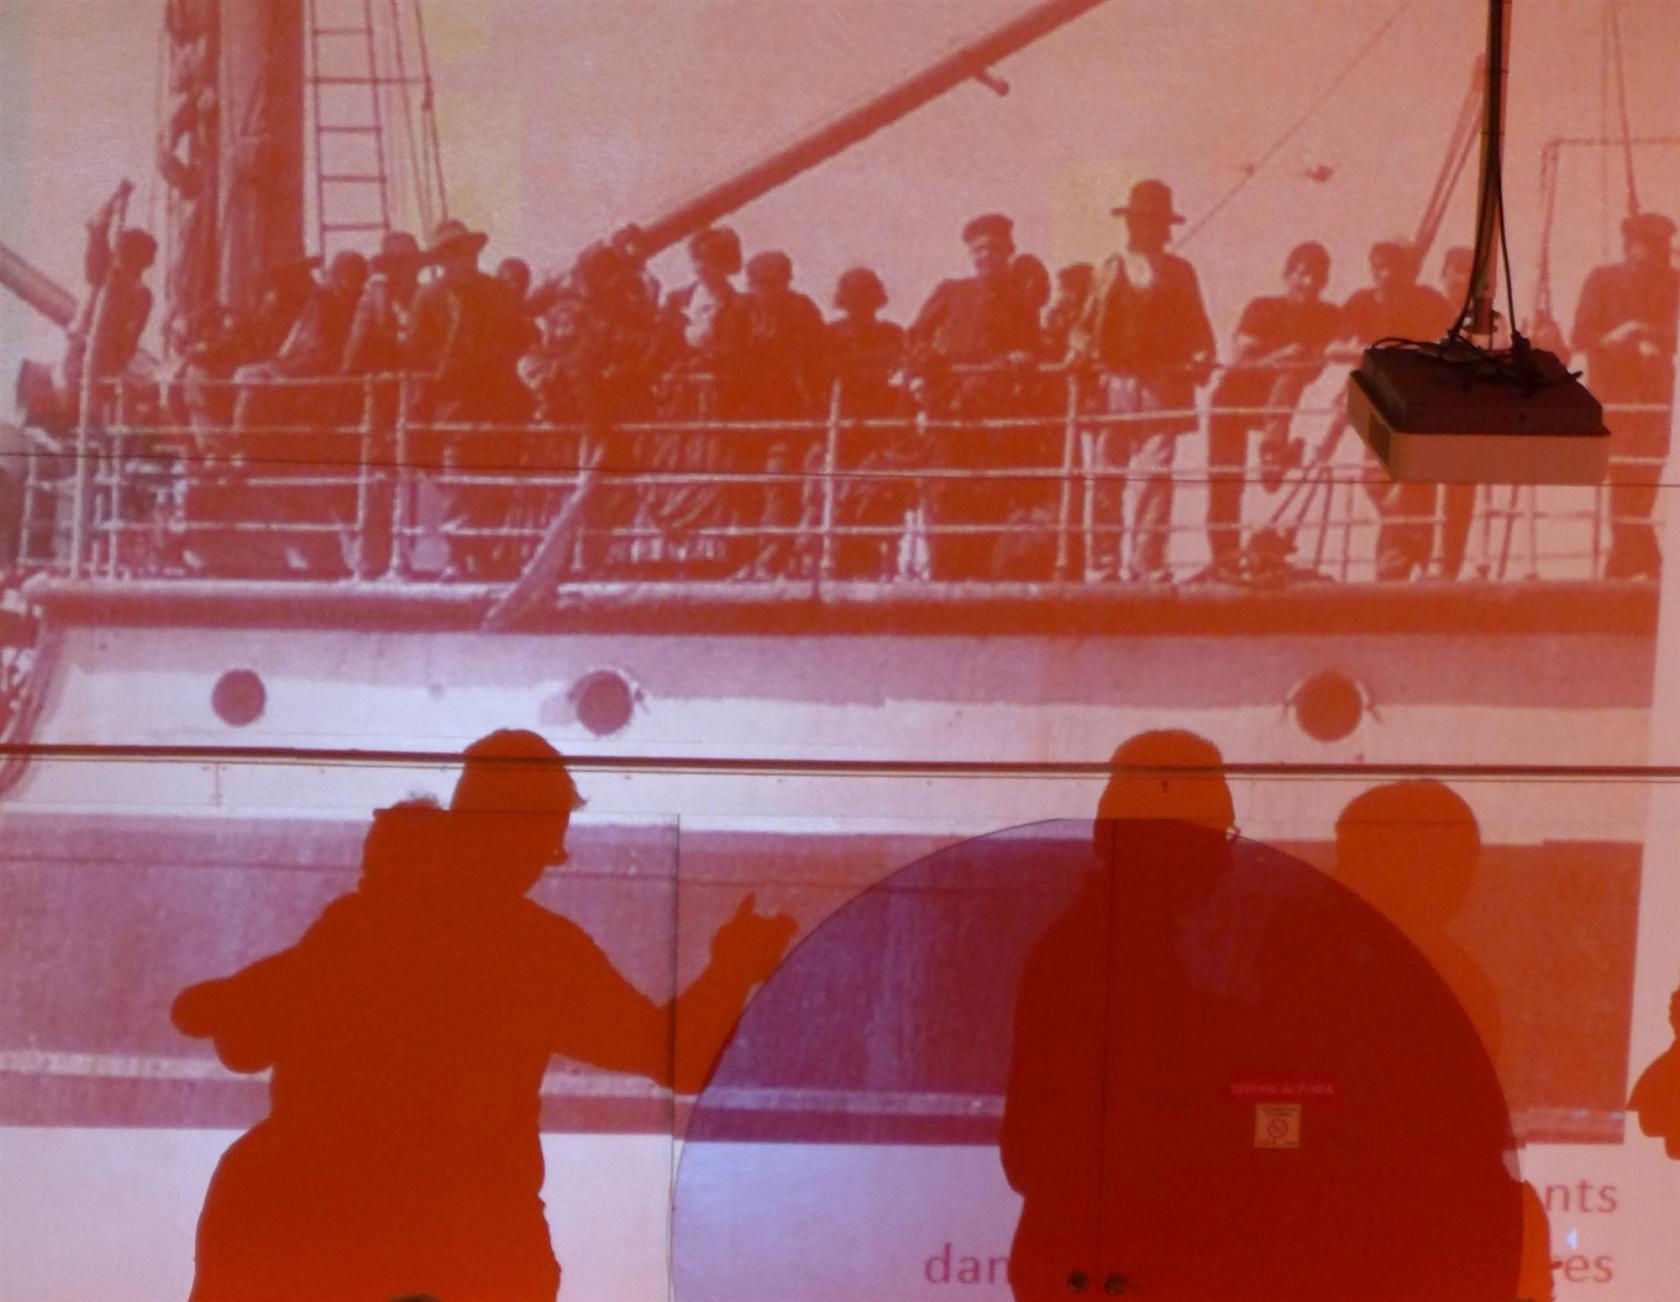 Le tango, citoyen du monde hier comme aujourd'hui ? B. Nudelman Caen